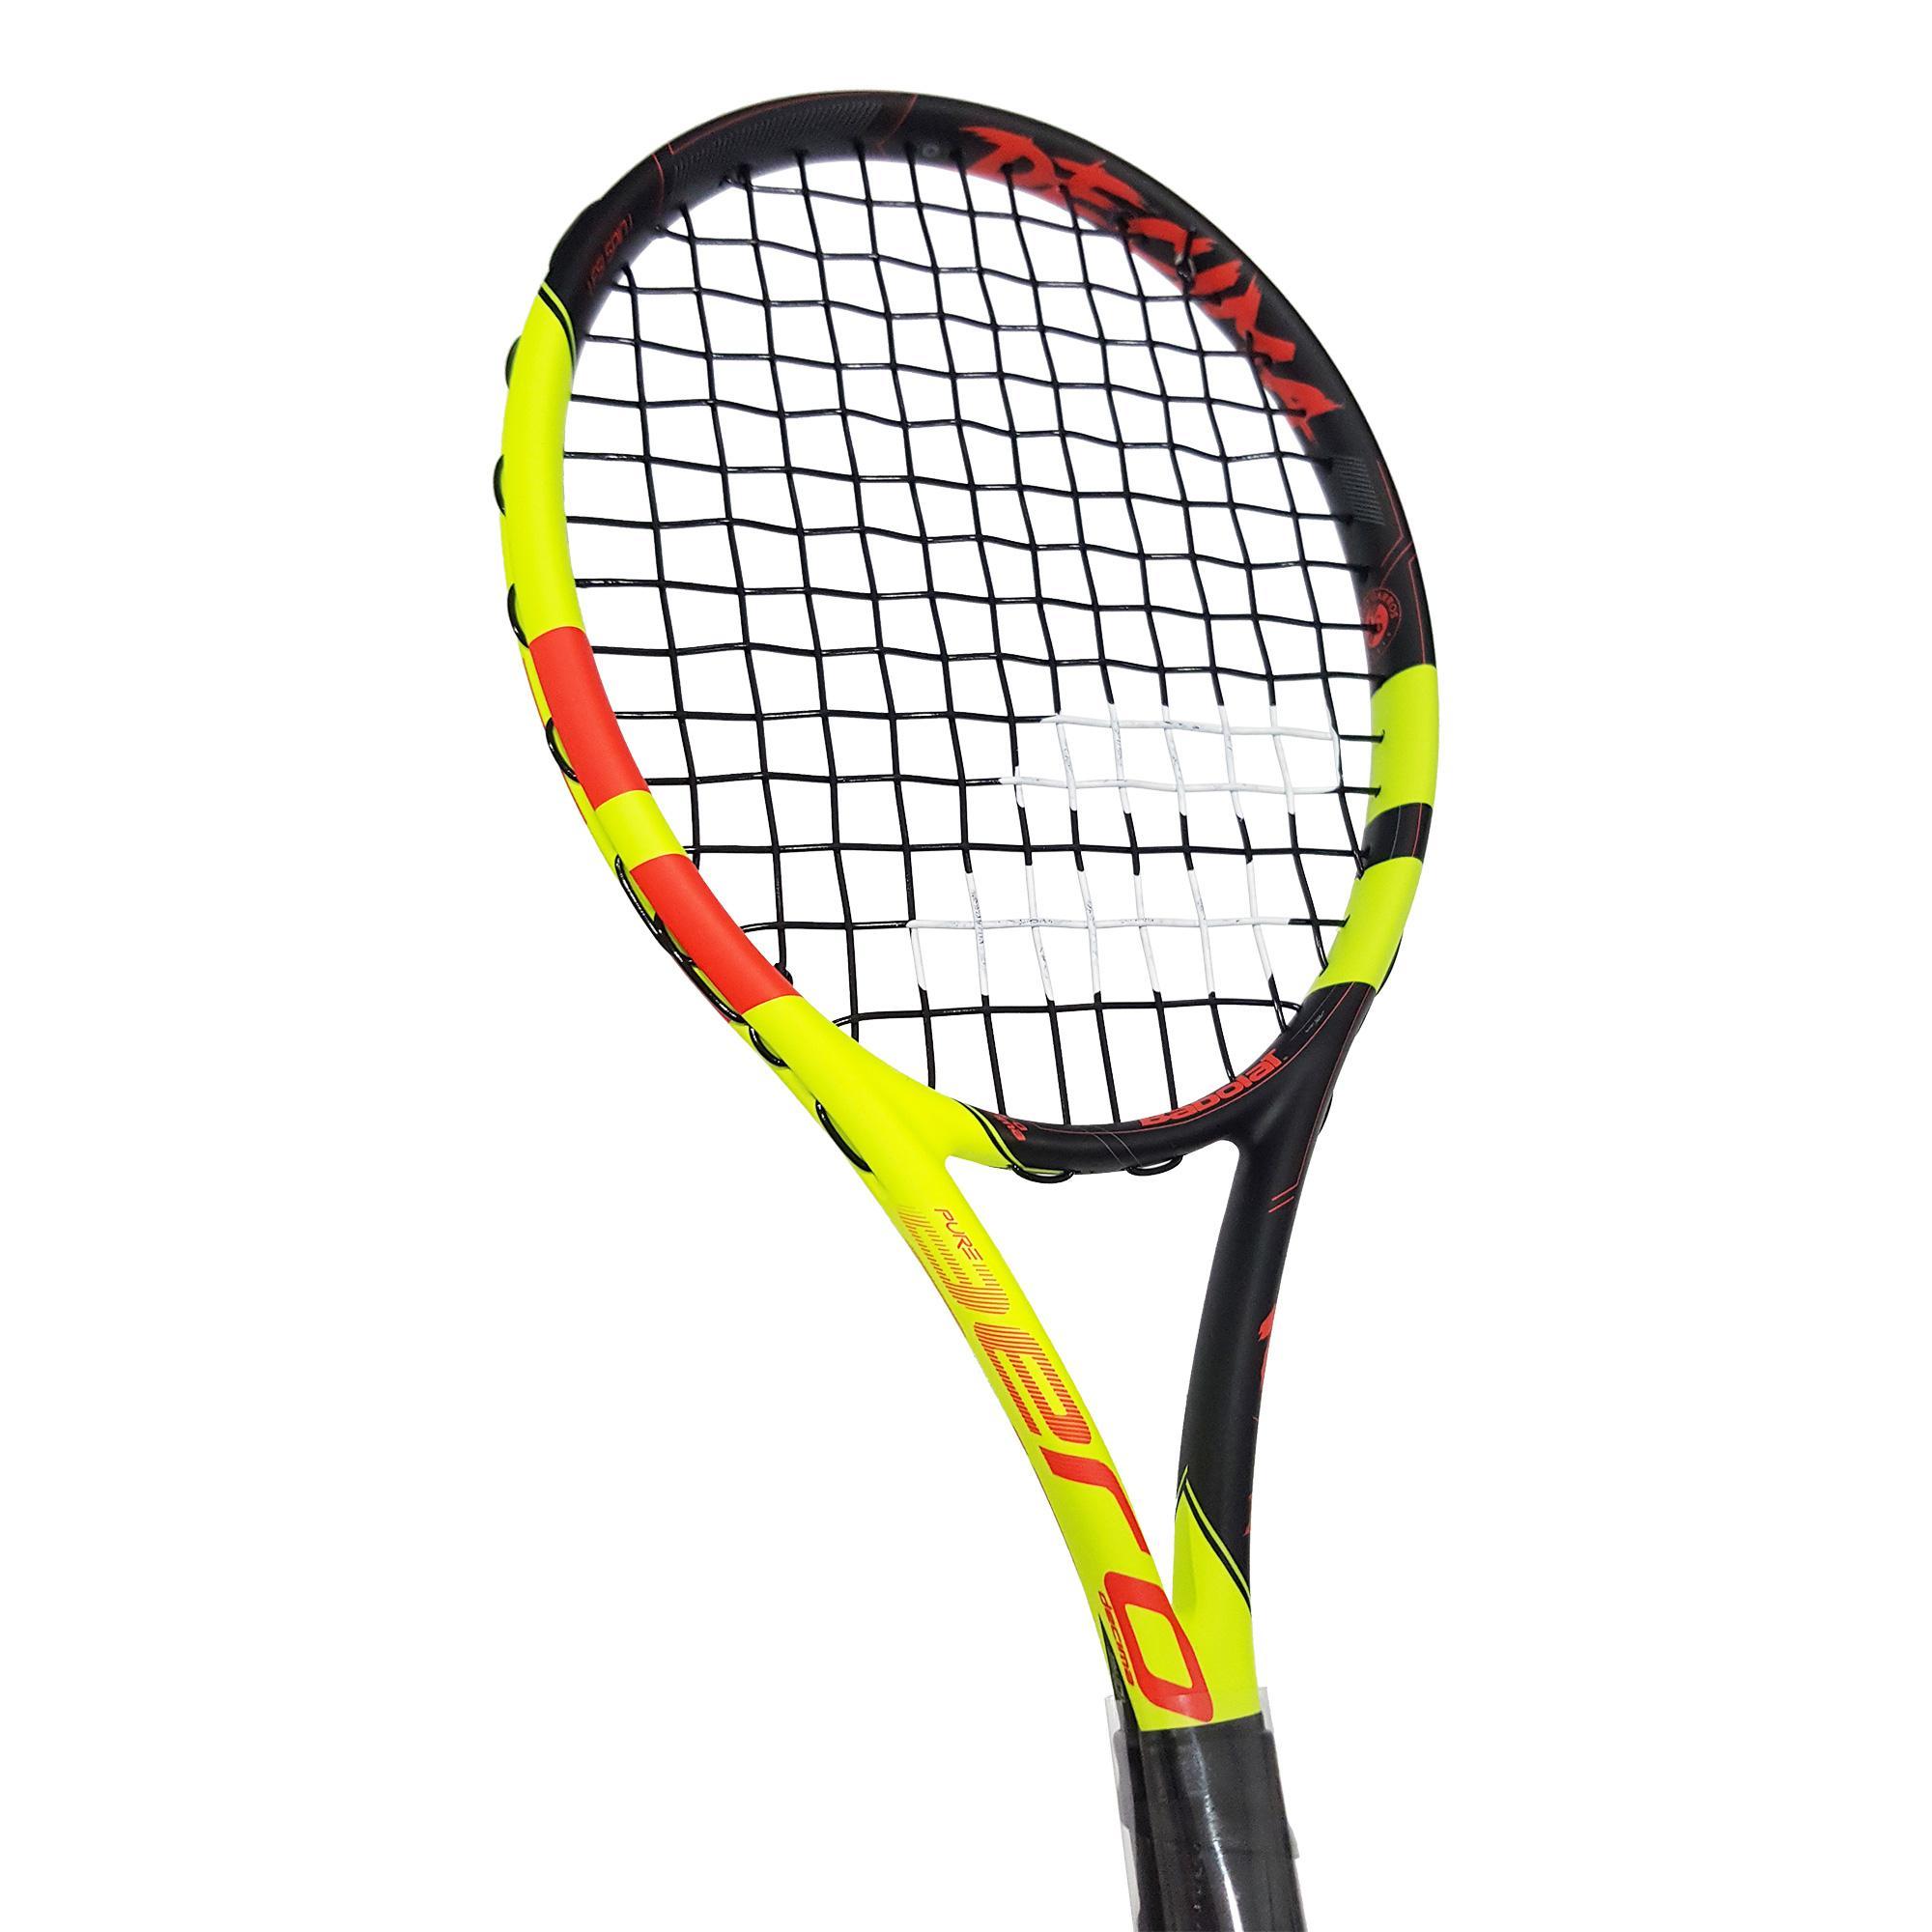 Babolat Mini Pure Aero Decima Racket - Tennisnuts.com 874b072c6984d